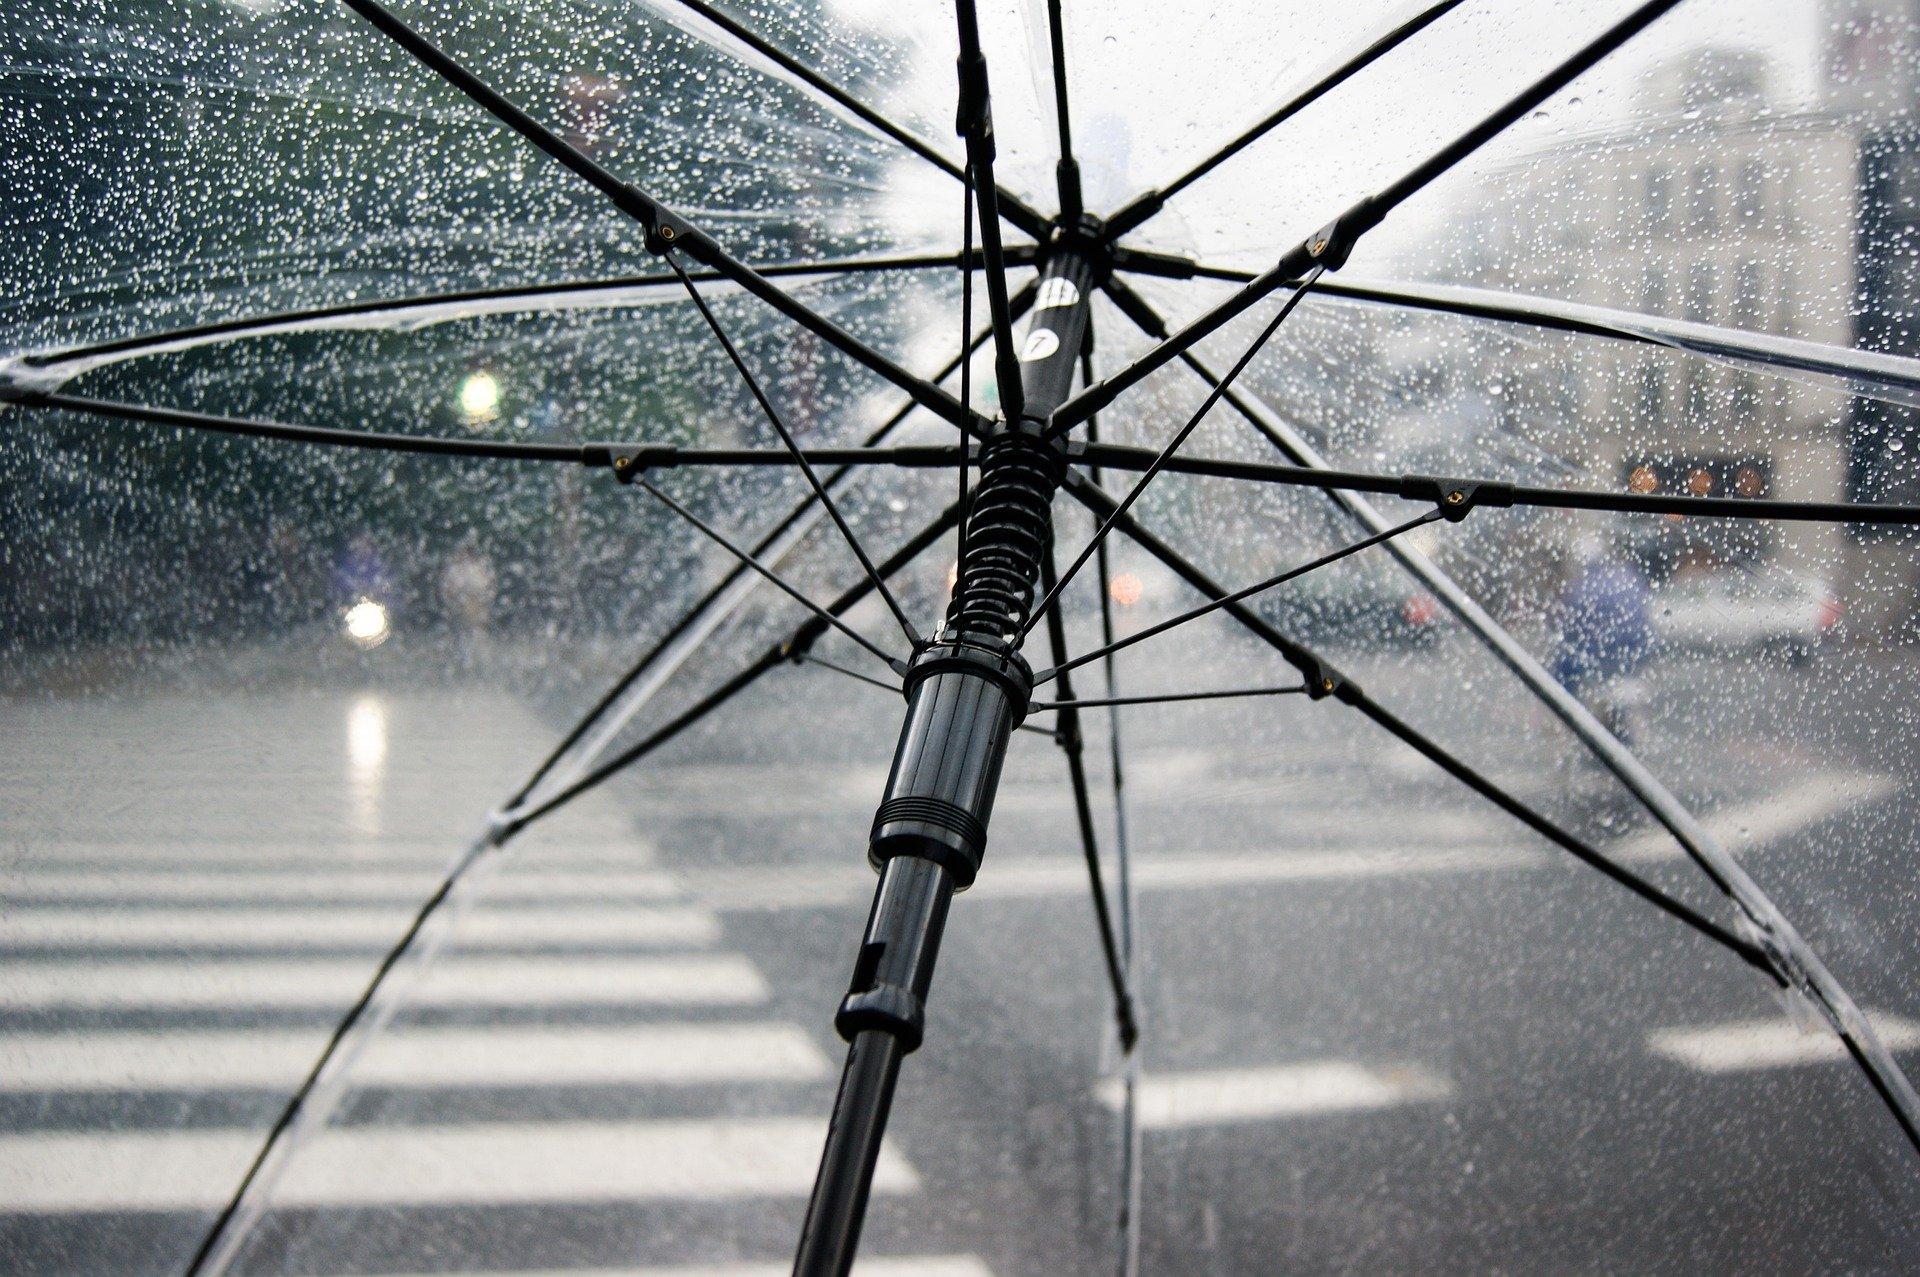 umbrella-4425160_1920